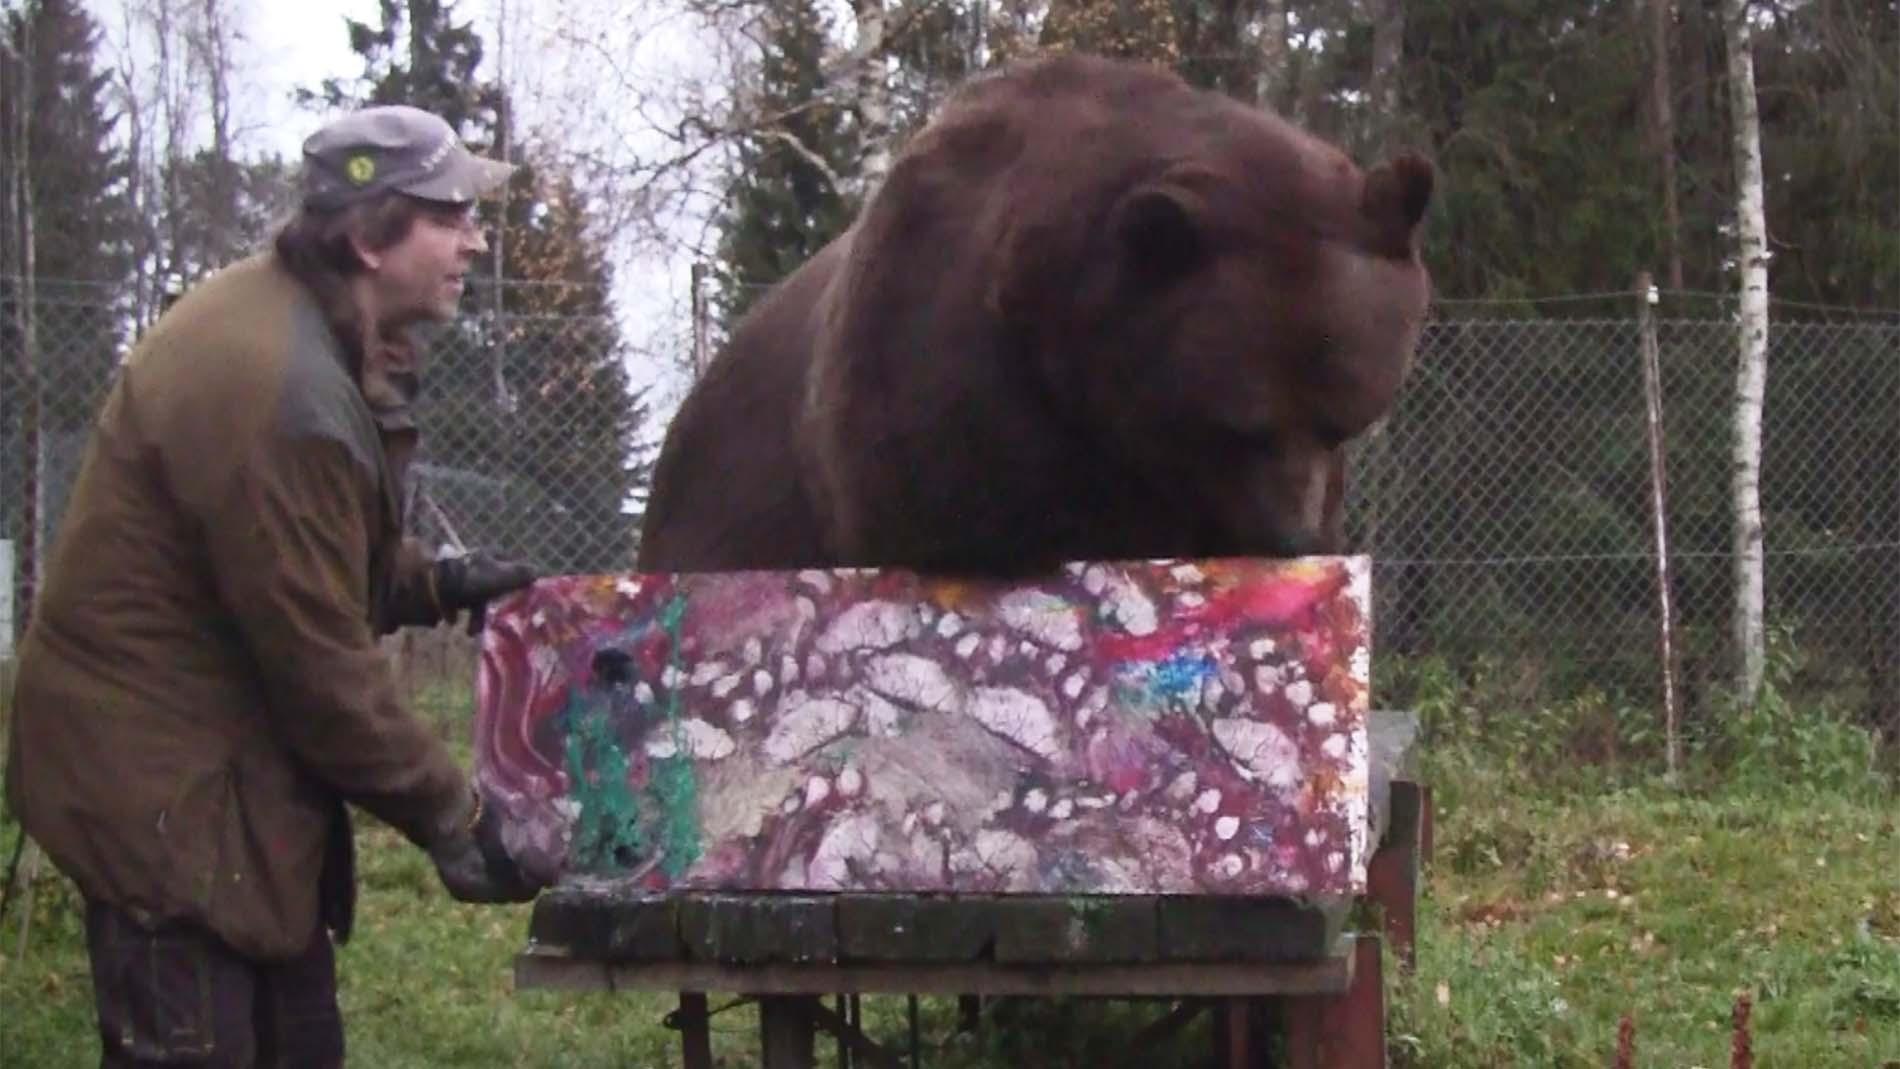 Juuso-karhun taideteoksesta 3610 euroa eturauhassyöpätutkimukselle